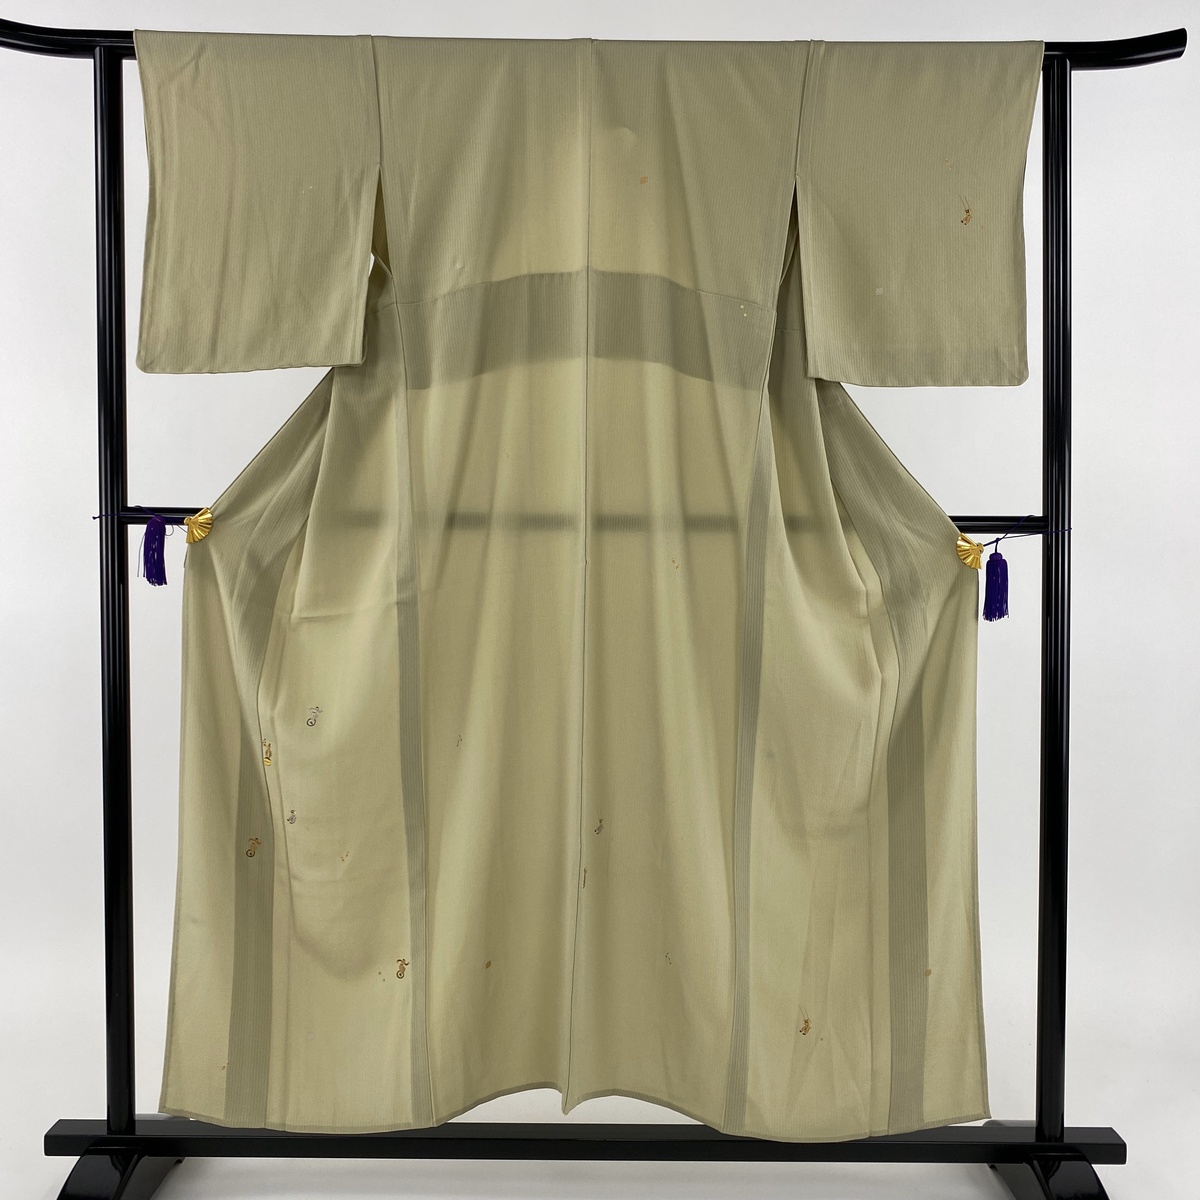 付下げ 美品 秀品 サーカス 縦縞 金銀彩 薄緑 単衣 身丈155cm 裄丈63cm S 正絹 【中古】